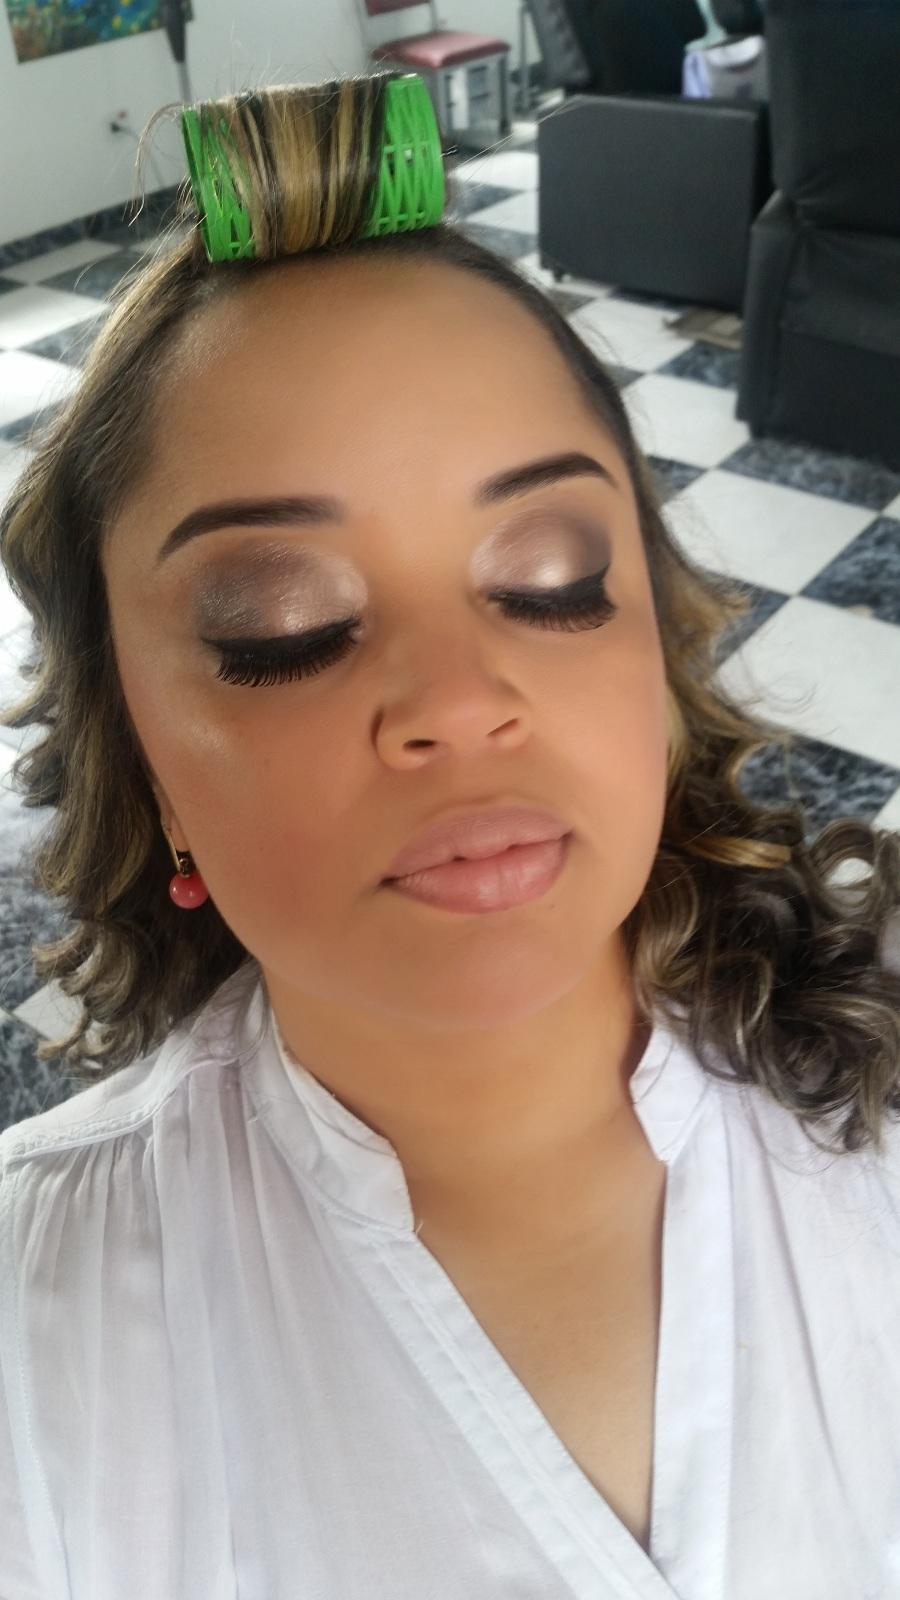 Maquiagem para festa.  Veja mais no meu Blog Vaidosas de Batom:  www.vaidosasdebatom.com maquiagem maquiador(a) docente / professor(a)